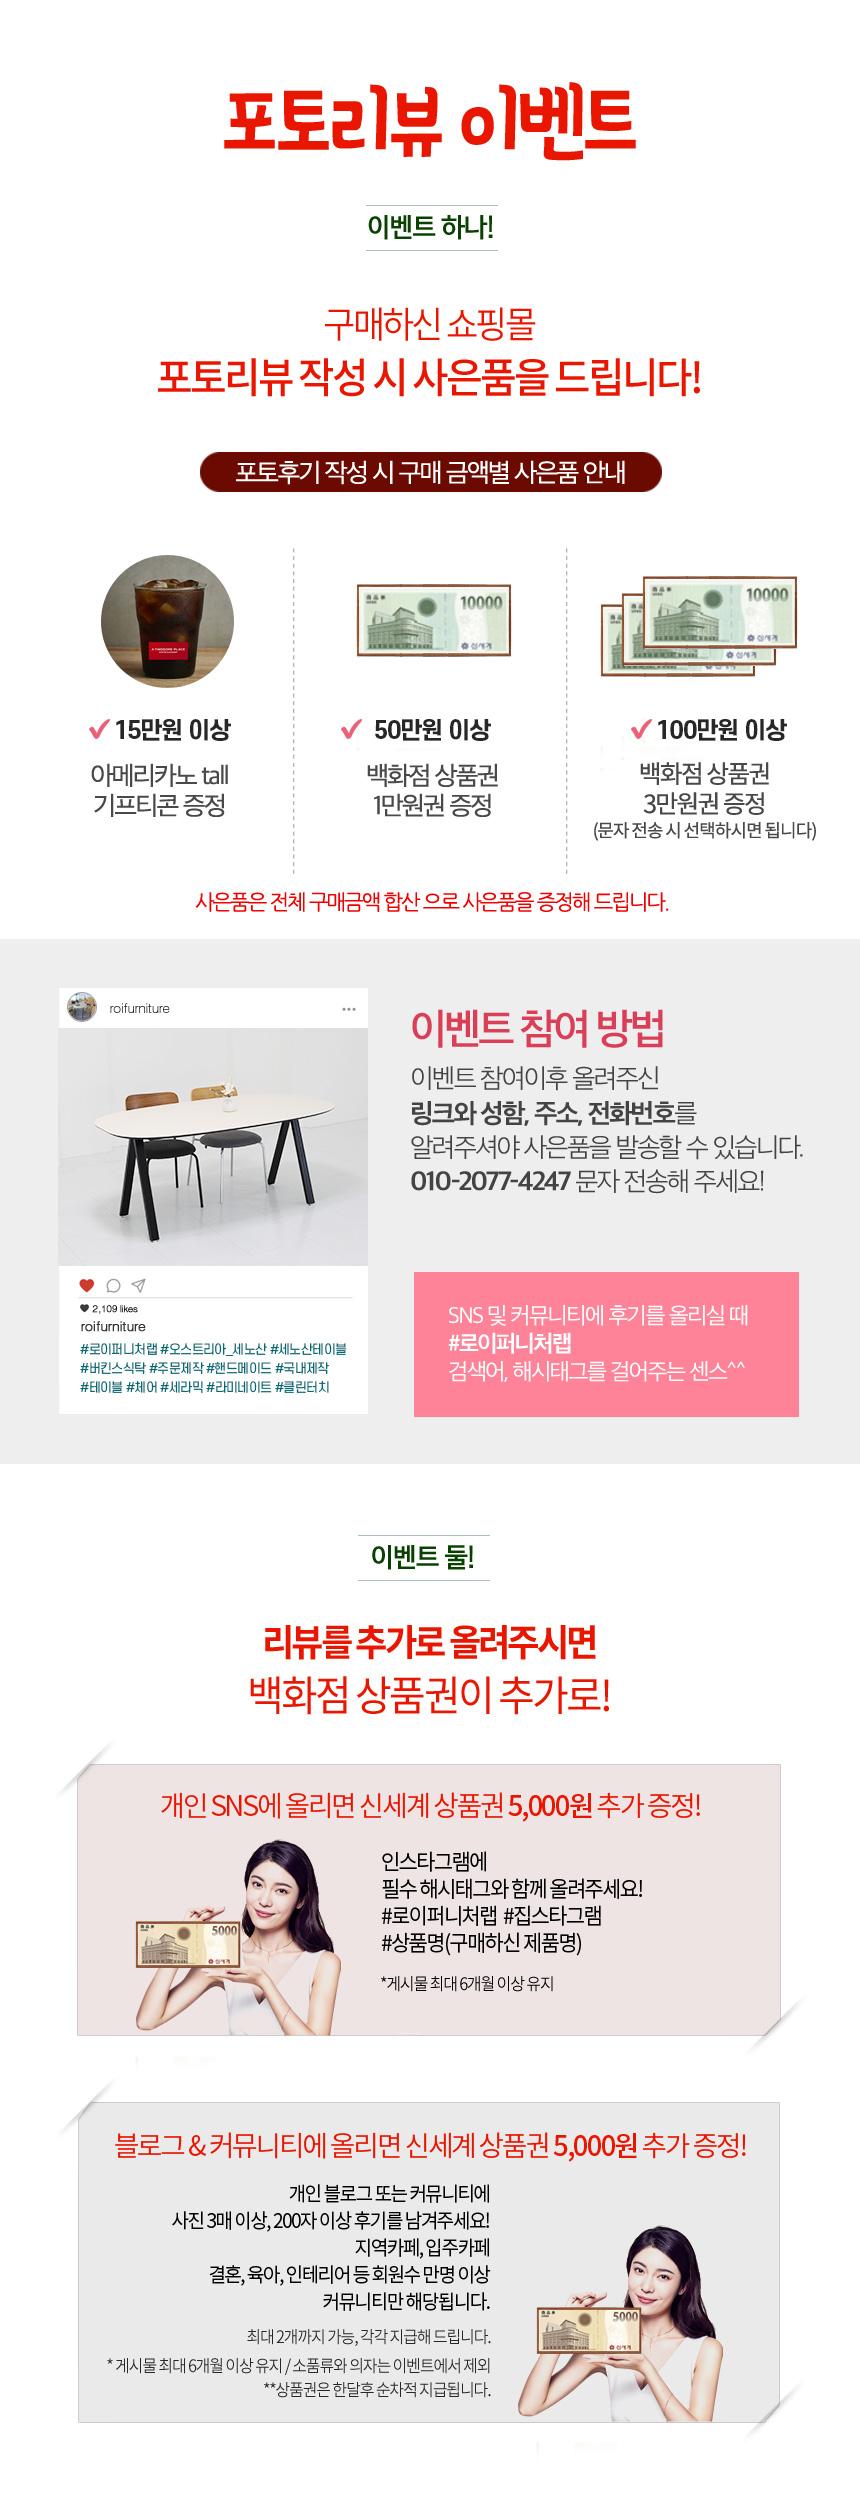 로이퍼니처랩 올리 패브릭 큐브 체어 - 로이퍼니처랩, 245,500원, 디자인 의자, 인테리어의자